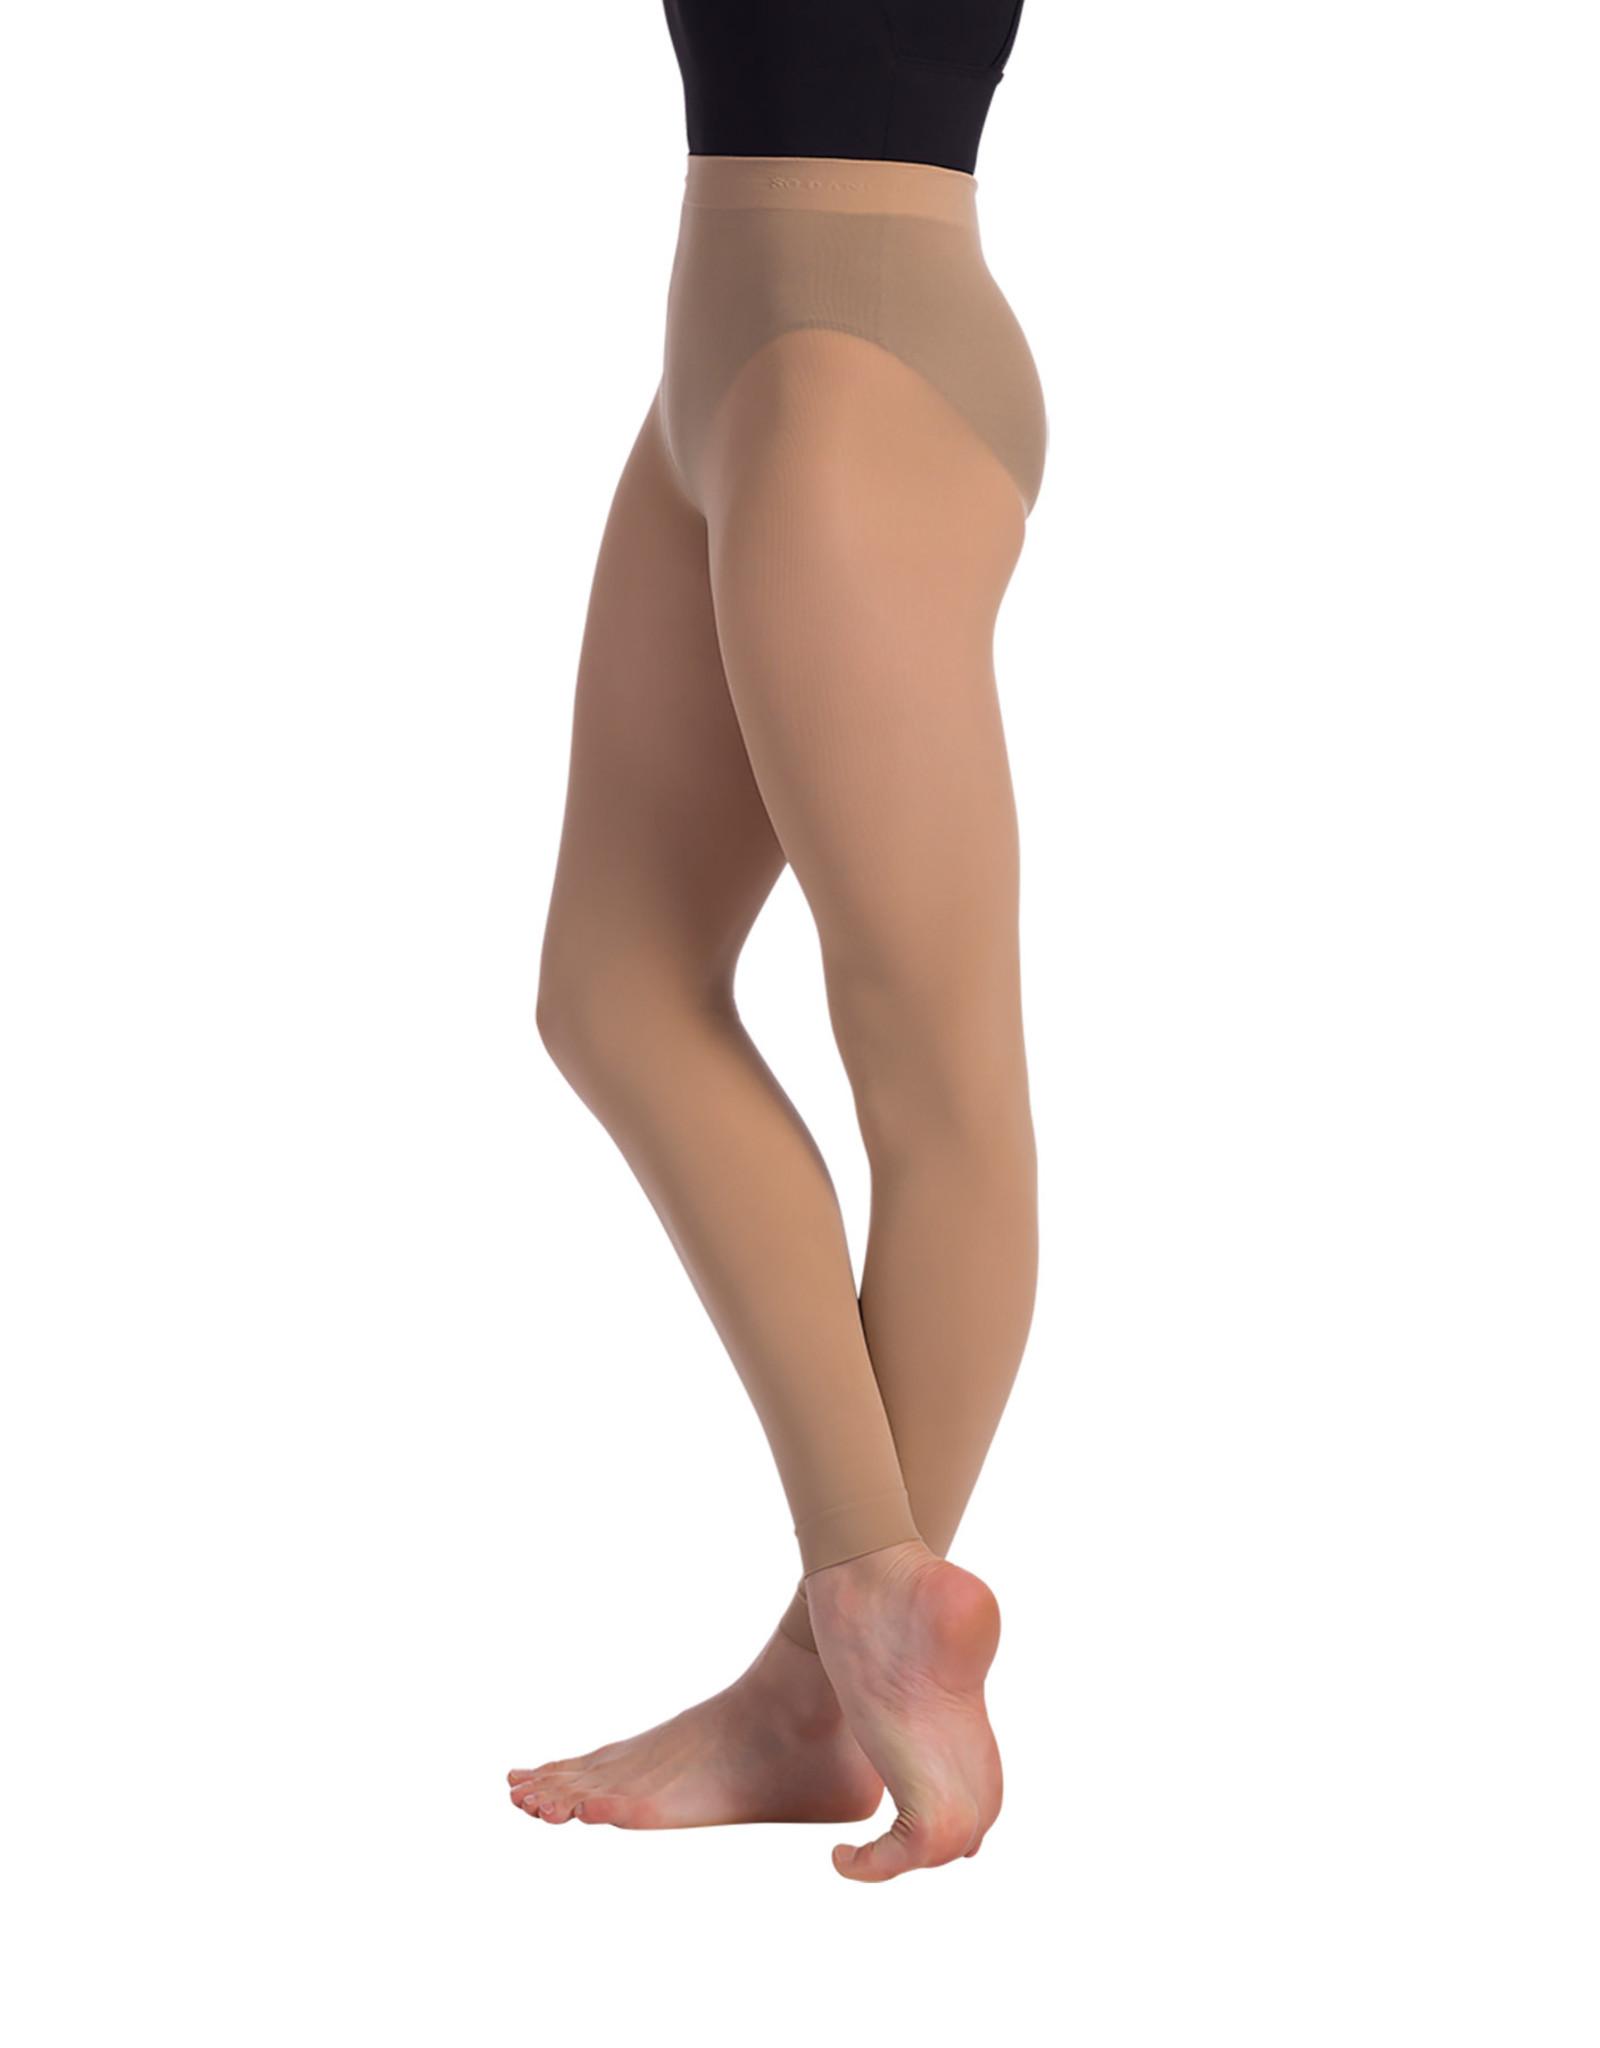 SoDanća TS70 Adult Footless Tights Mocha